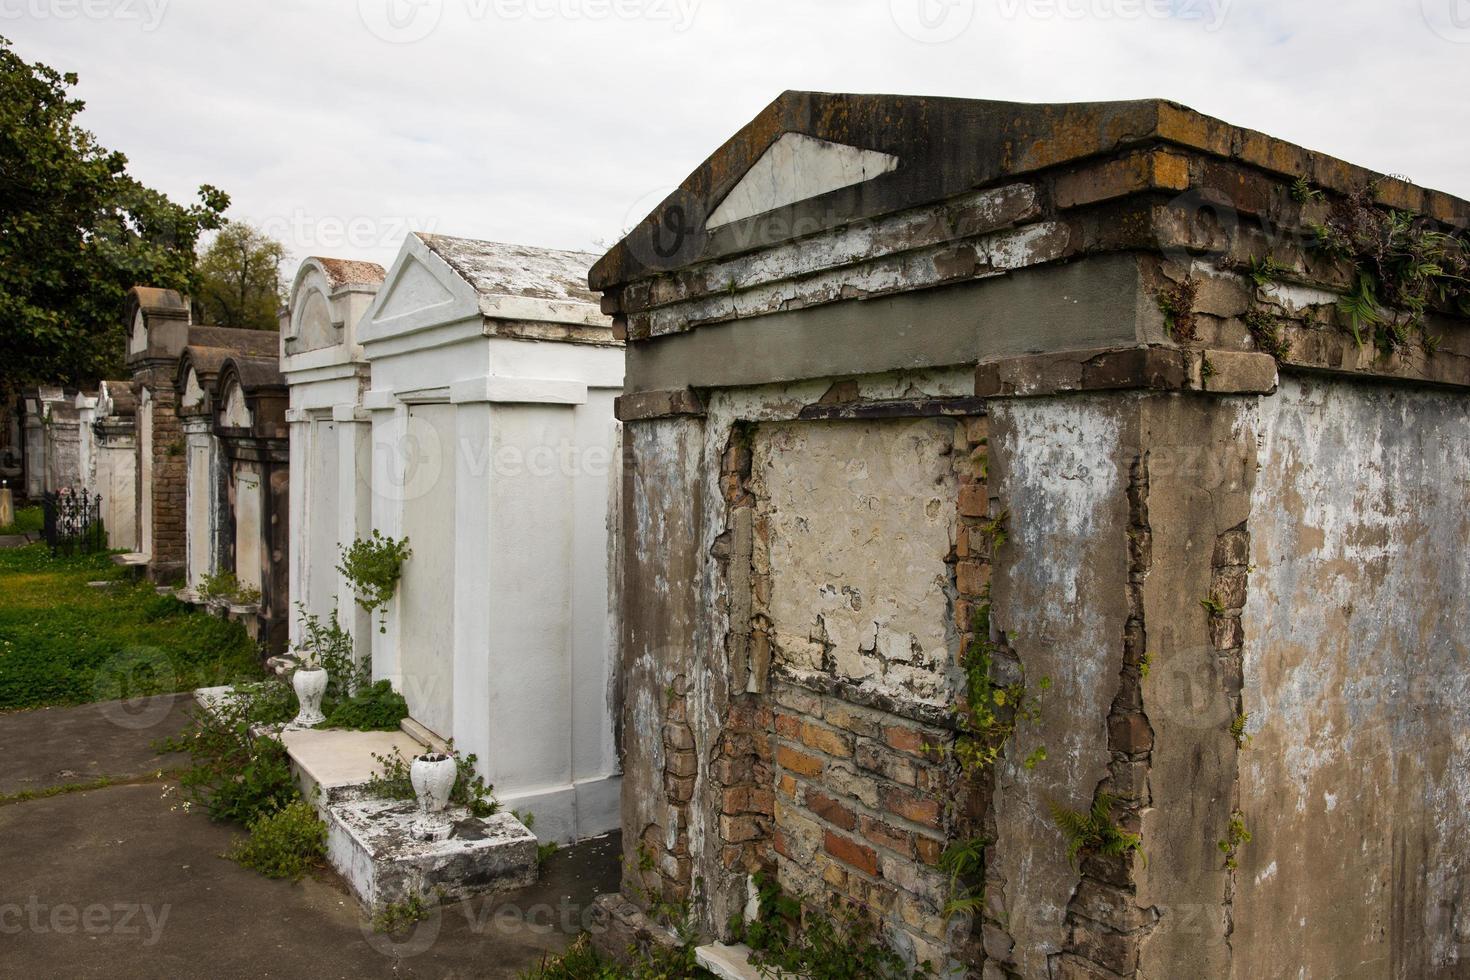 nouvelle-orléans - cimetière hors sol photo